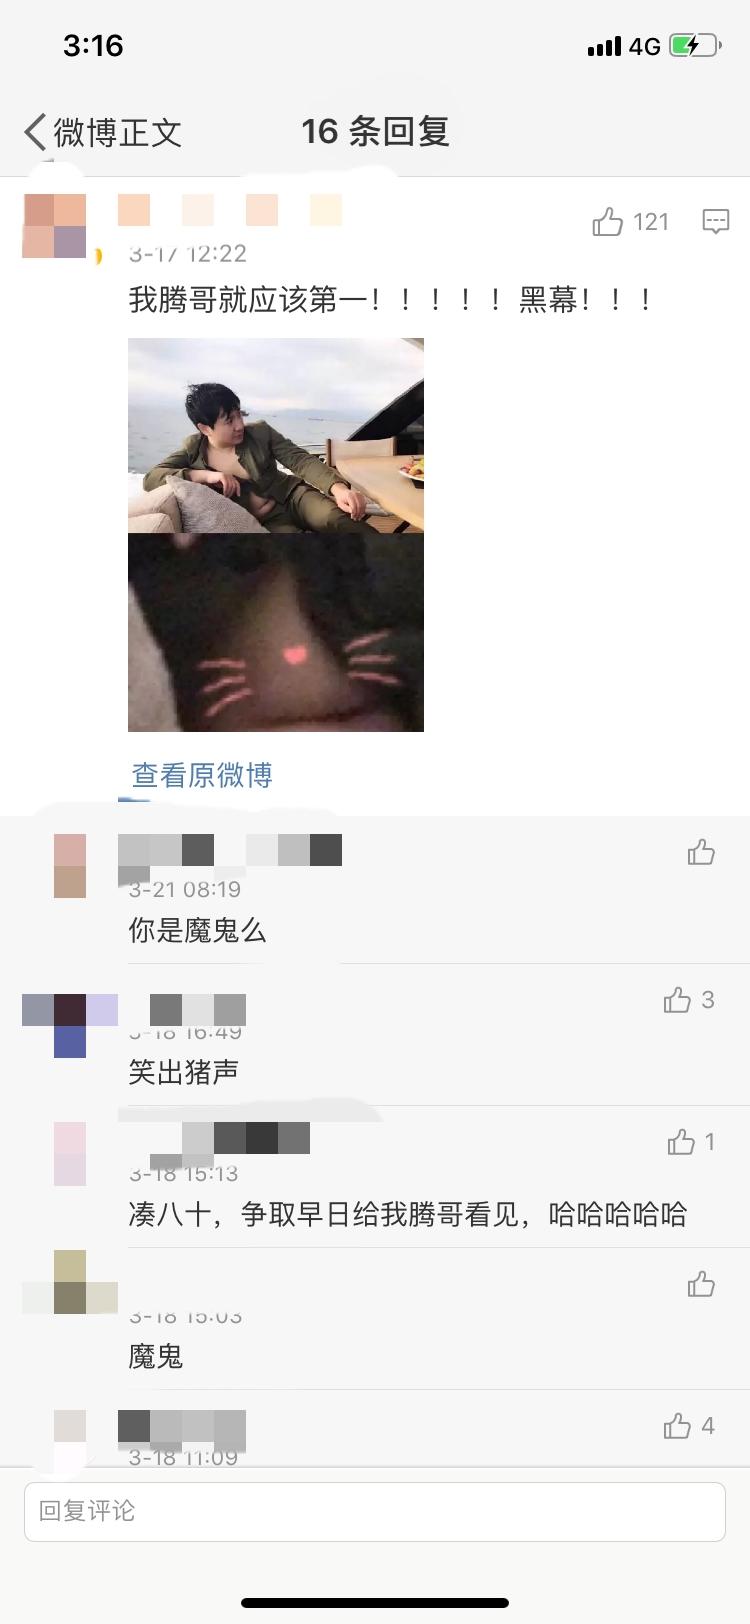 沈腾颜值打败蔡徐坤刘昊然 本人这样回应真是太逗了